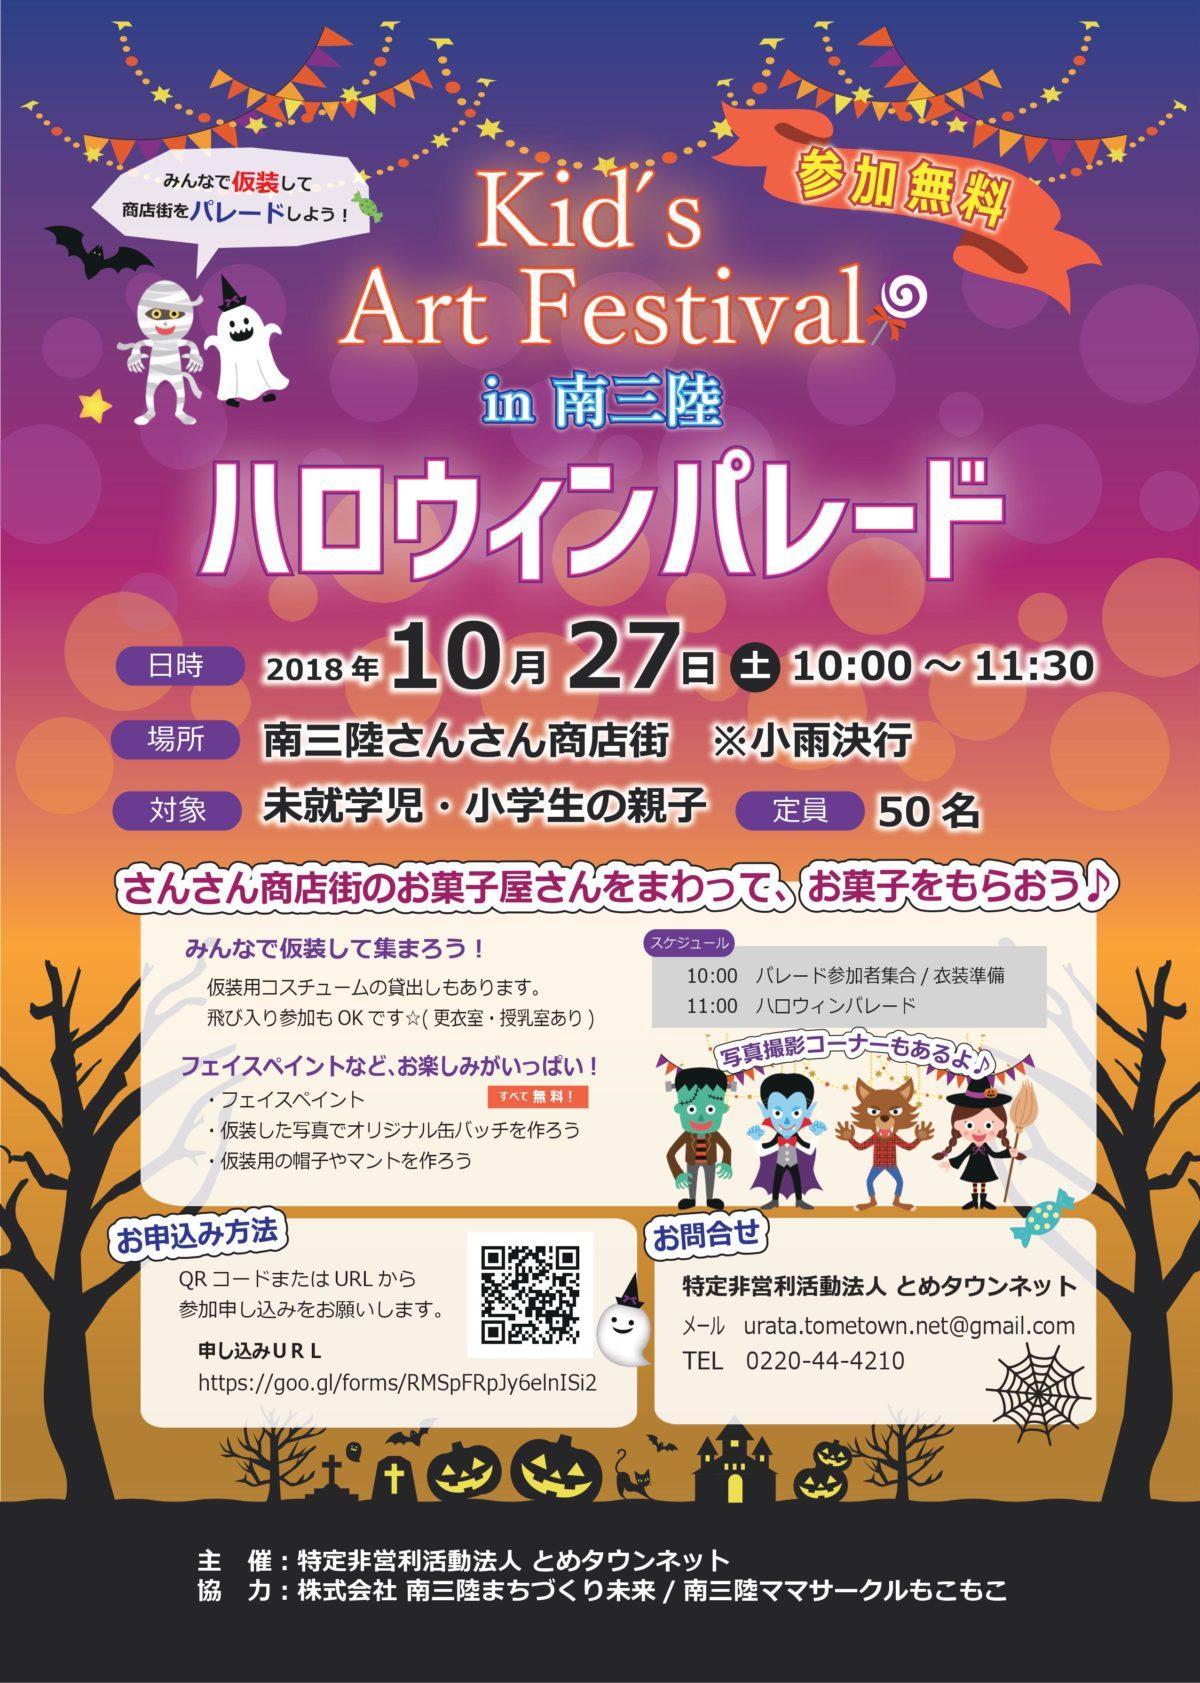 今週末10月27日(土)さんさん商店街で『Kid's Art Festival in 南三陸 ハロウィンパレード』を開催!